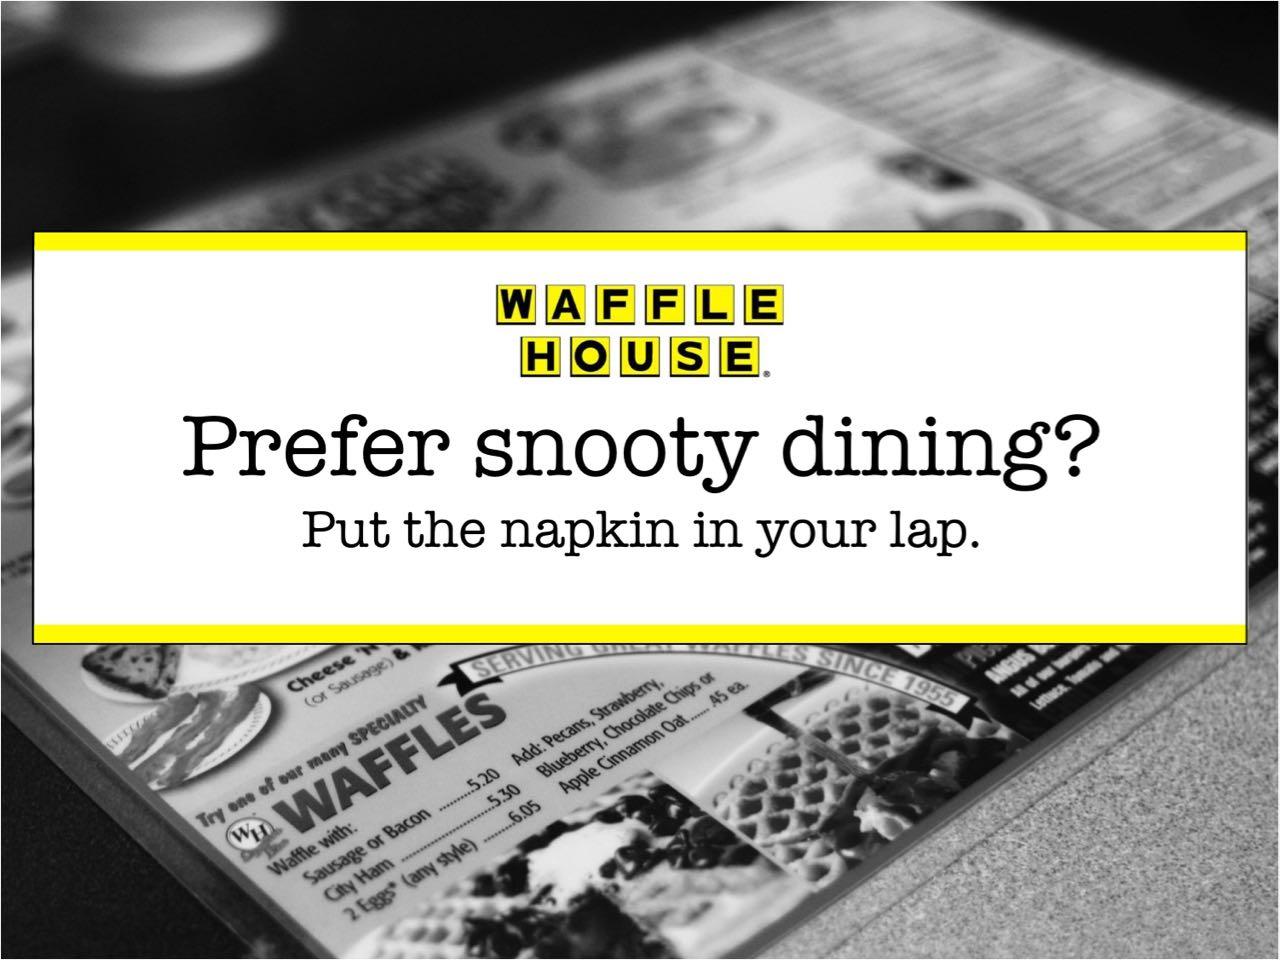 OR-Portfolio-Waffle-House - 2